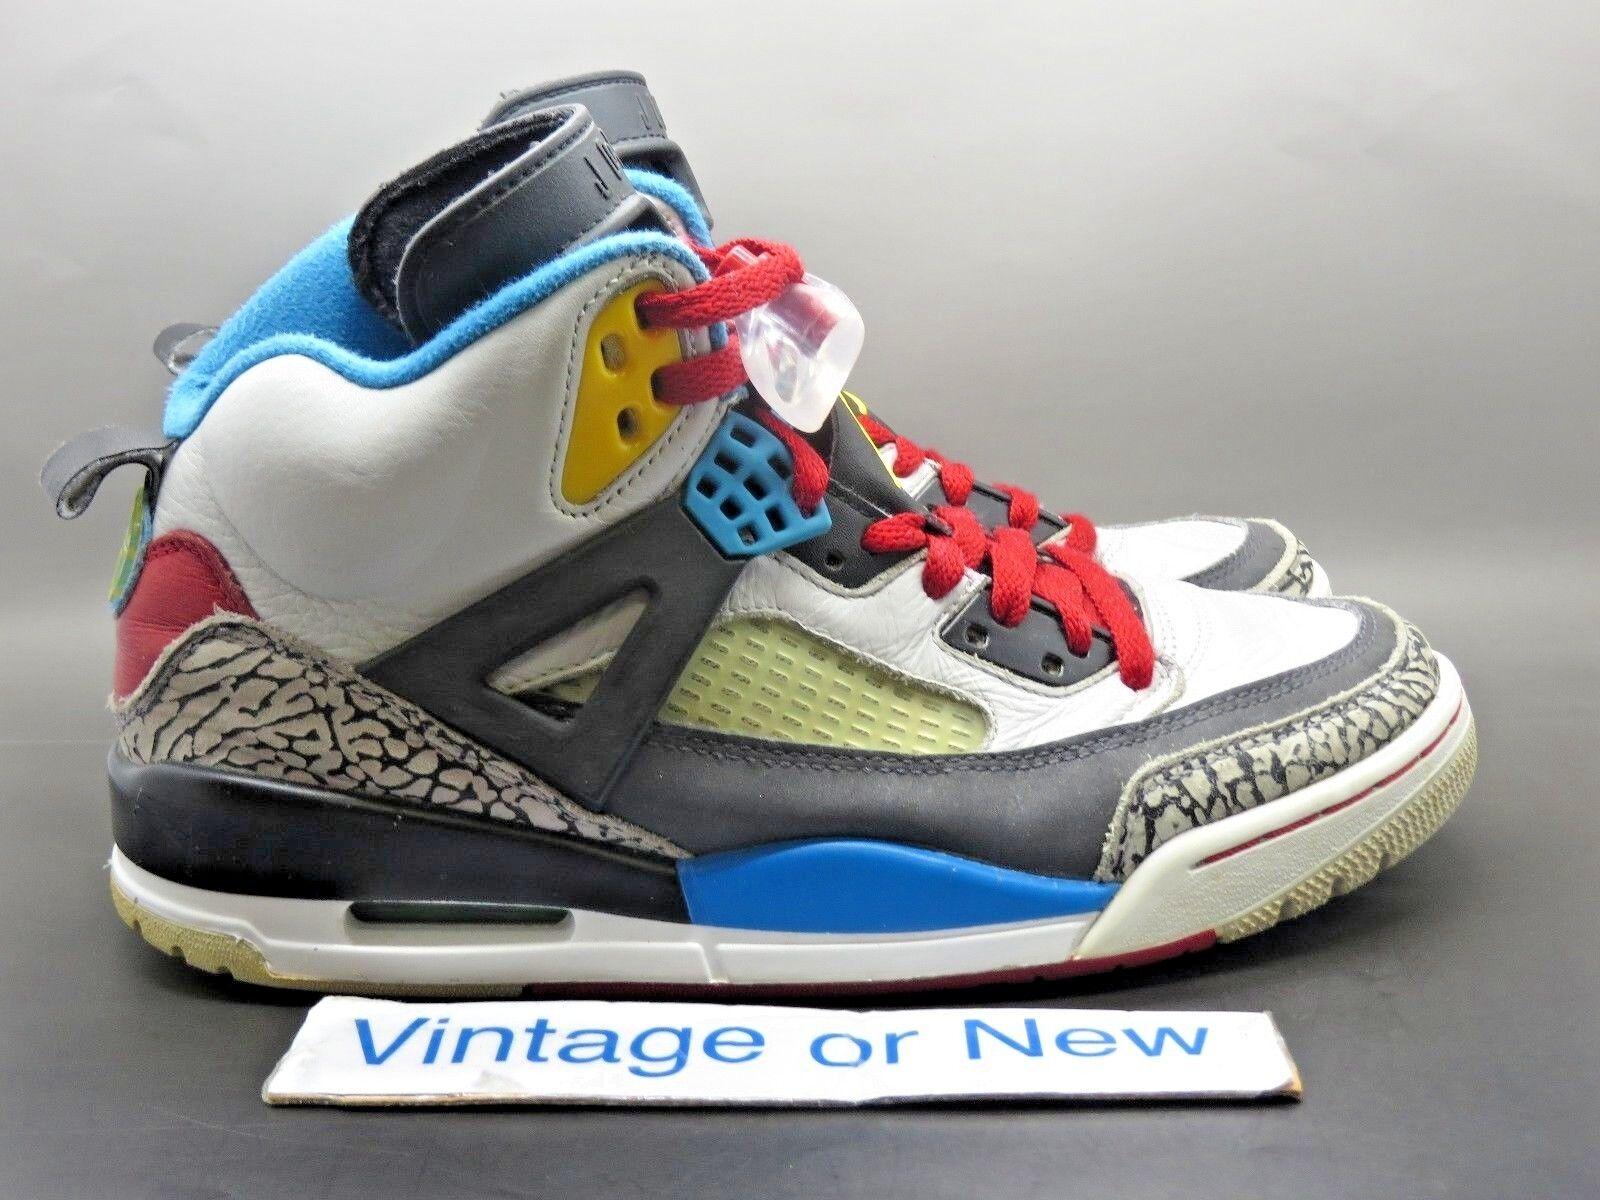 Nike Air Jordan Spizike Bordeaux 2012 sz 8